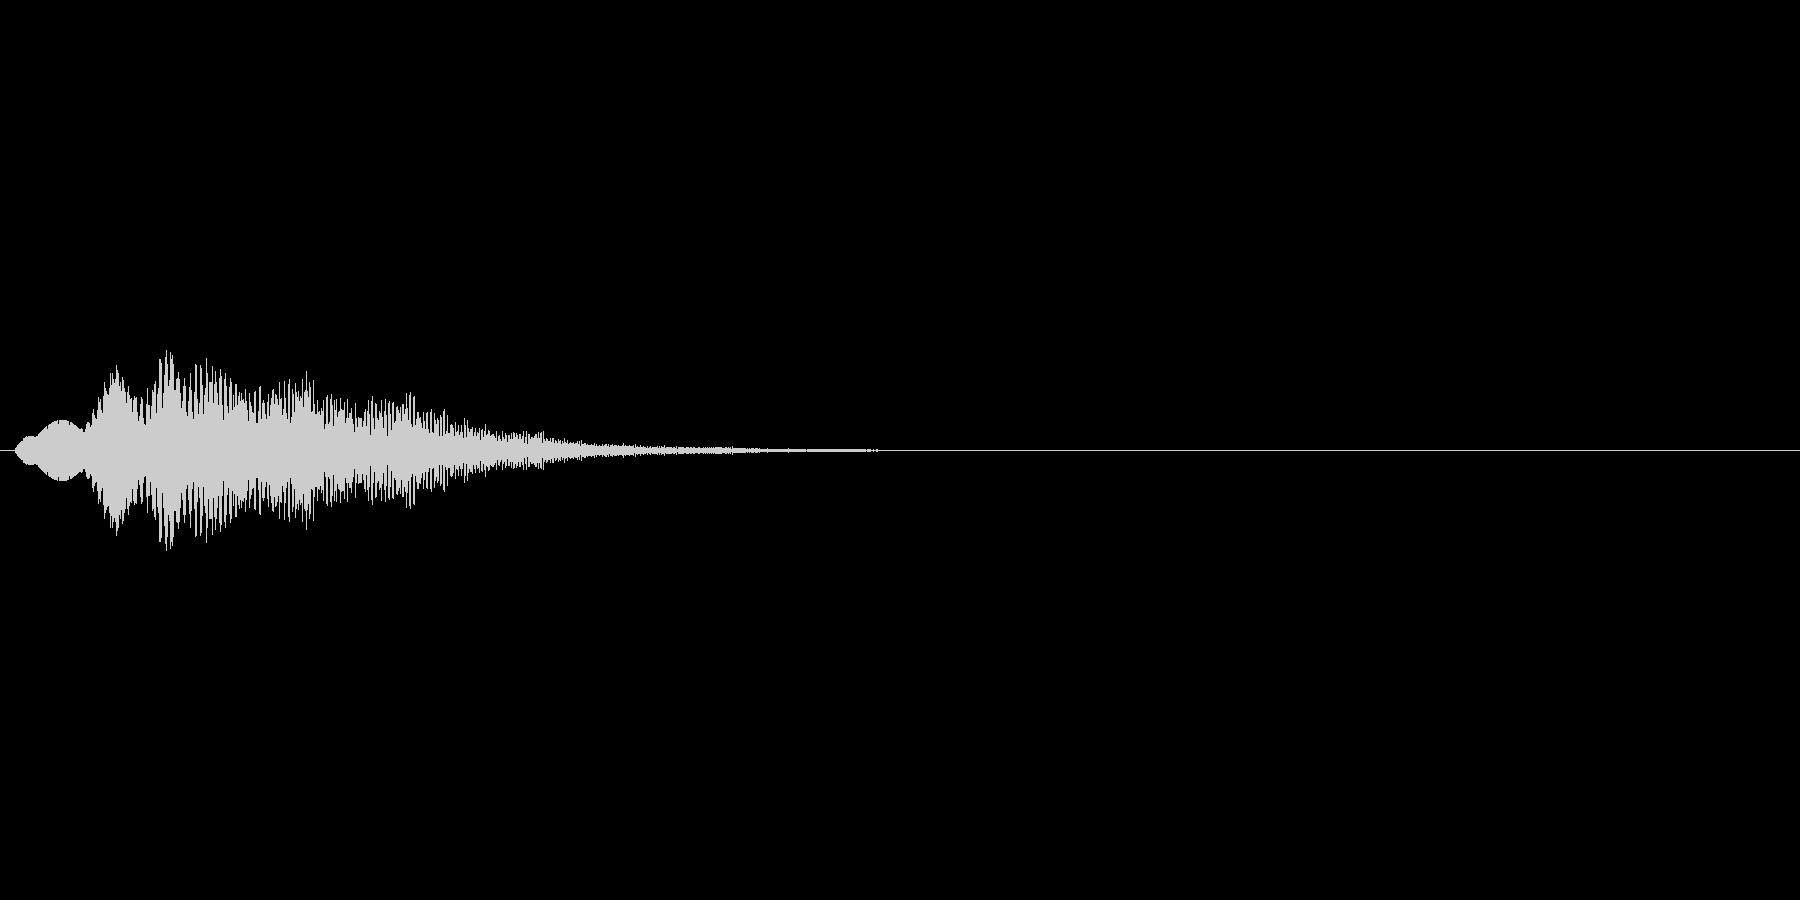 不思議、あやしい音階のキラキラ音_その3の未再生の波形